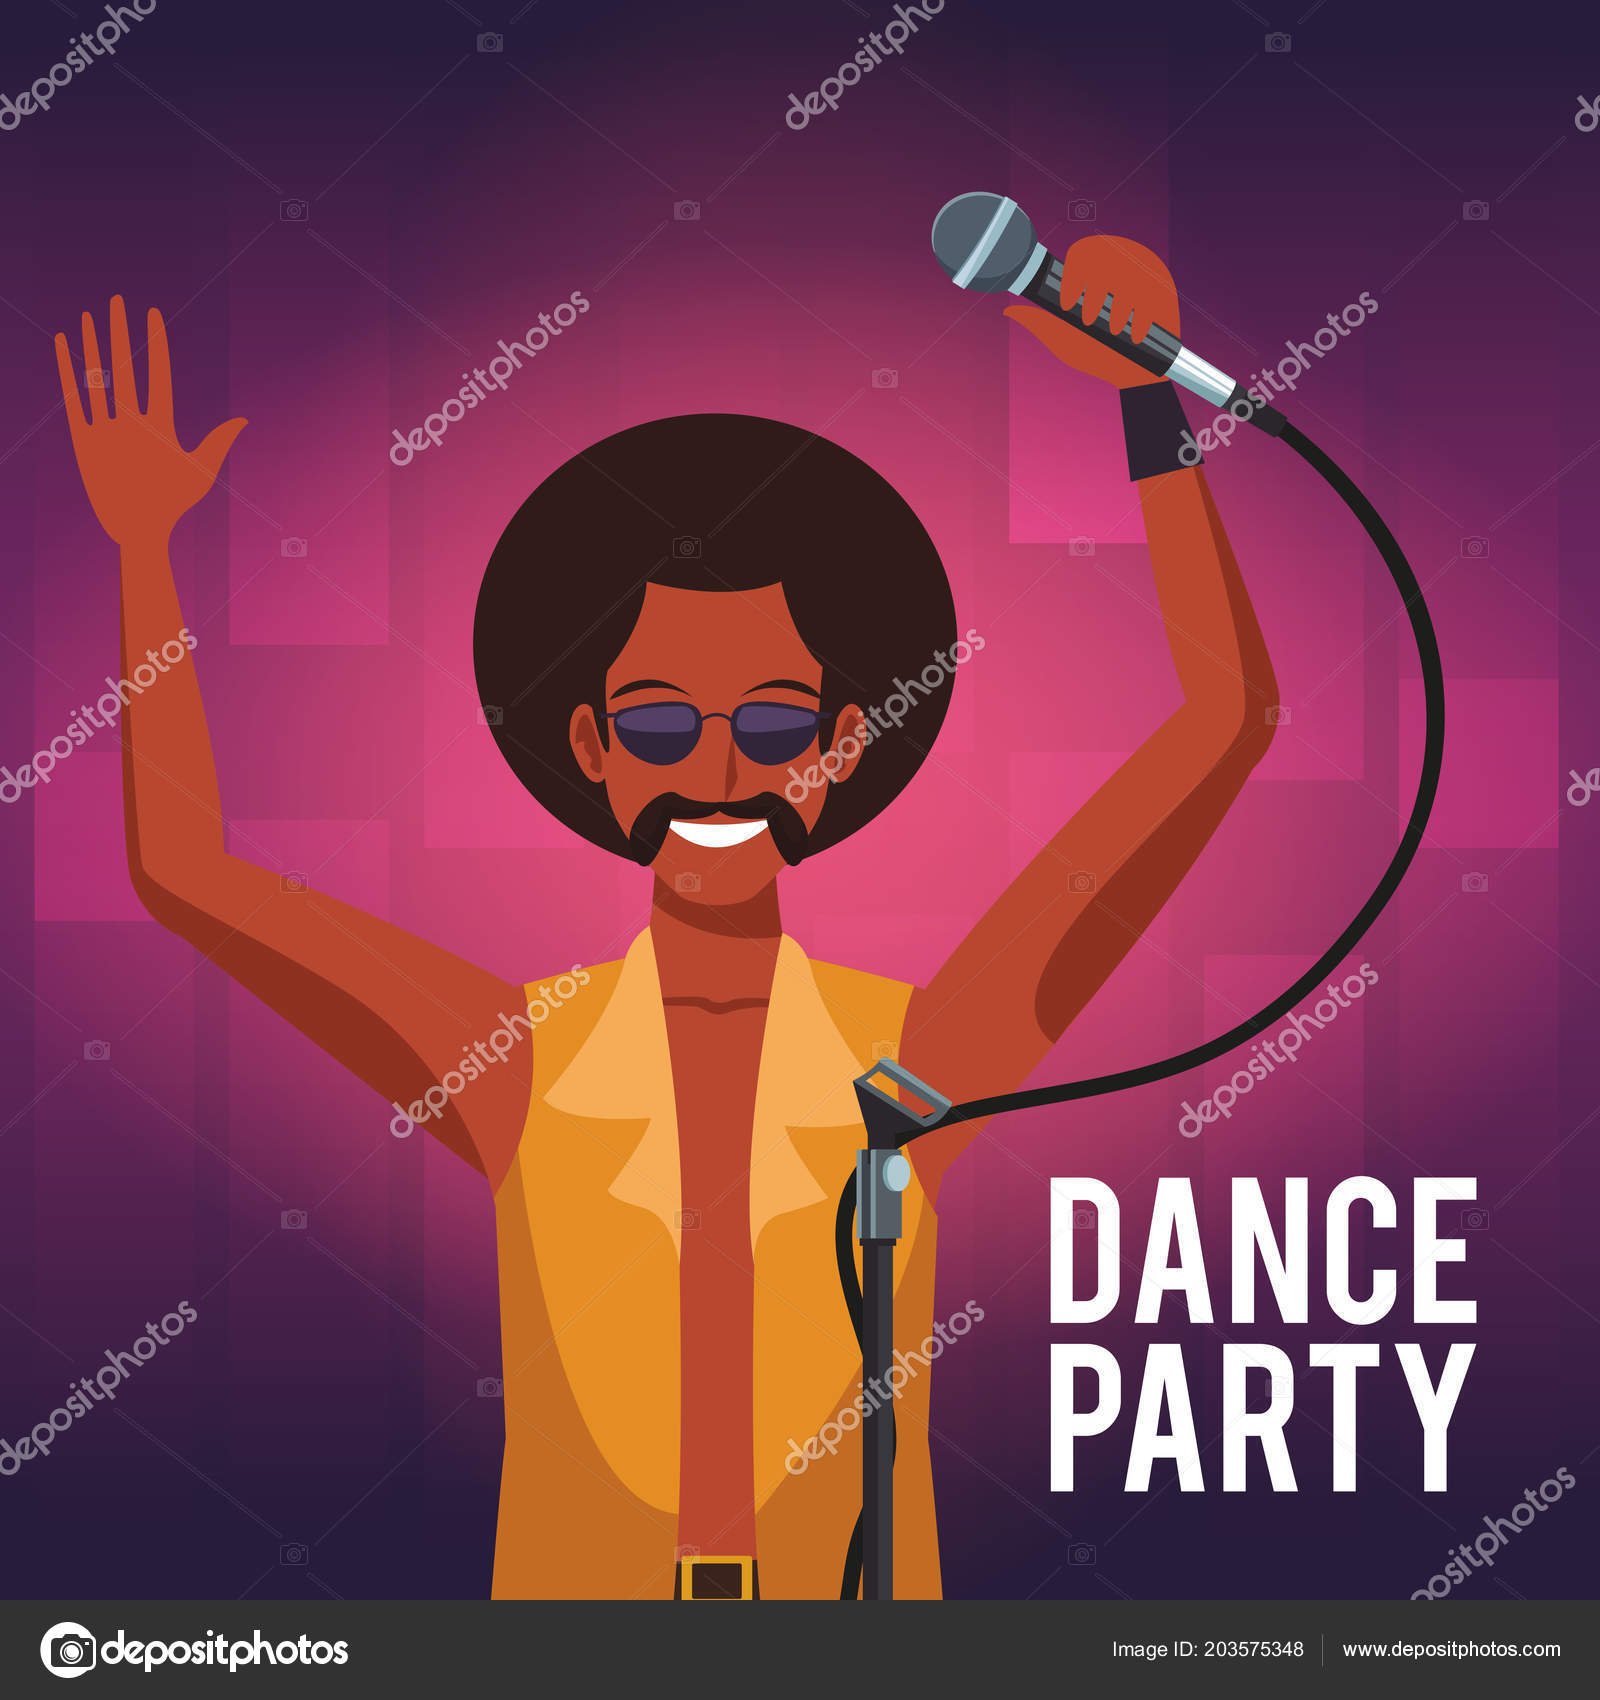 Dance party invitation card vetores de stock jemastock 203575348 dance party invitation card vetores de stock stopboris Gallery